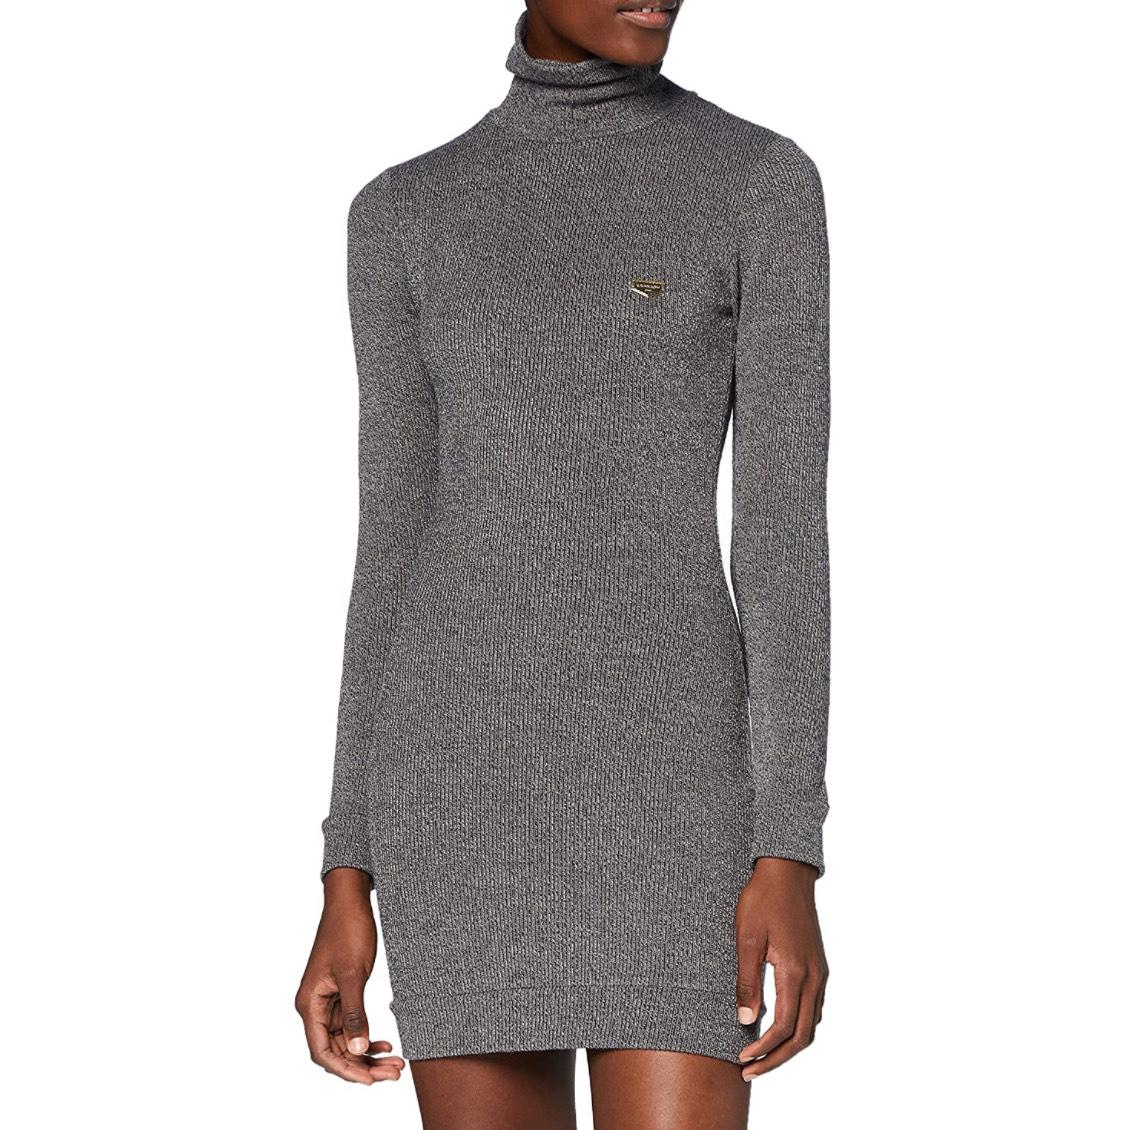 Vestido corto con cuello vuelto Gianni Kavanagh mujer talla M (S a 13,19€)